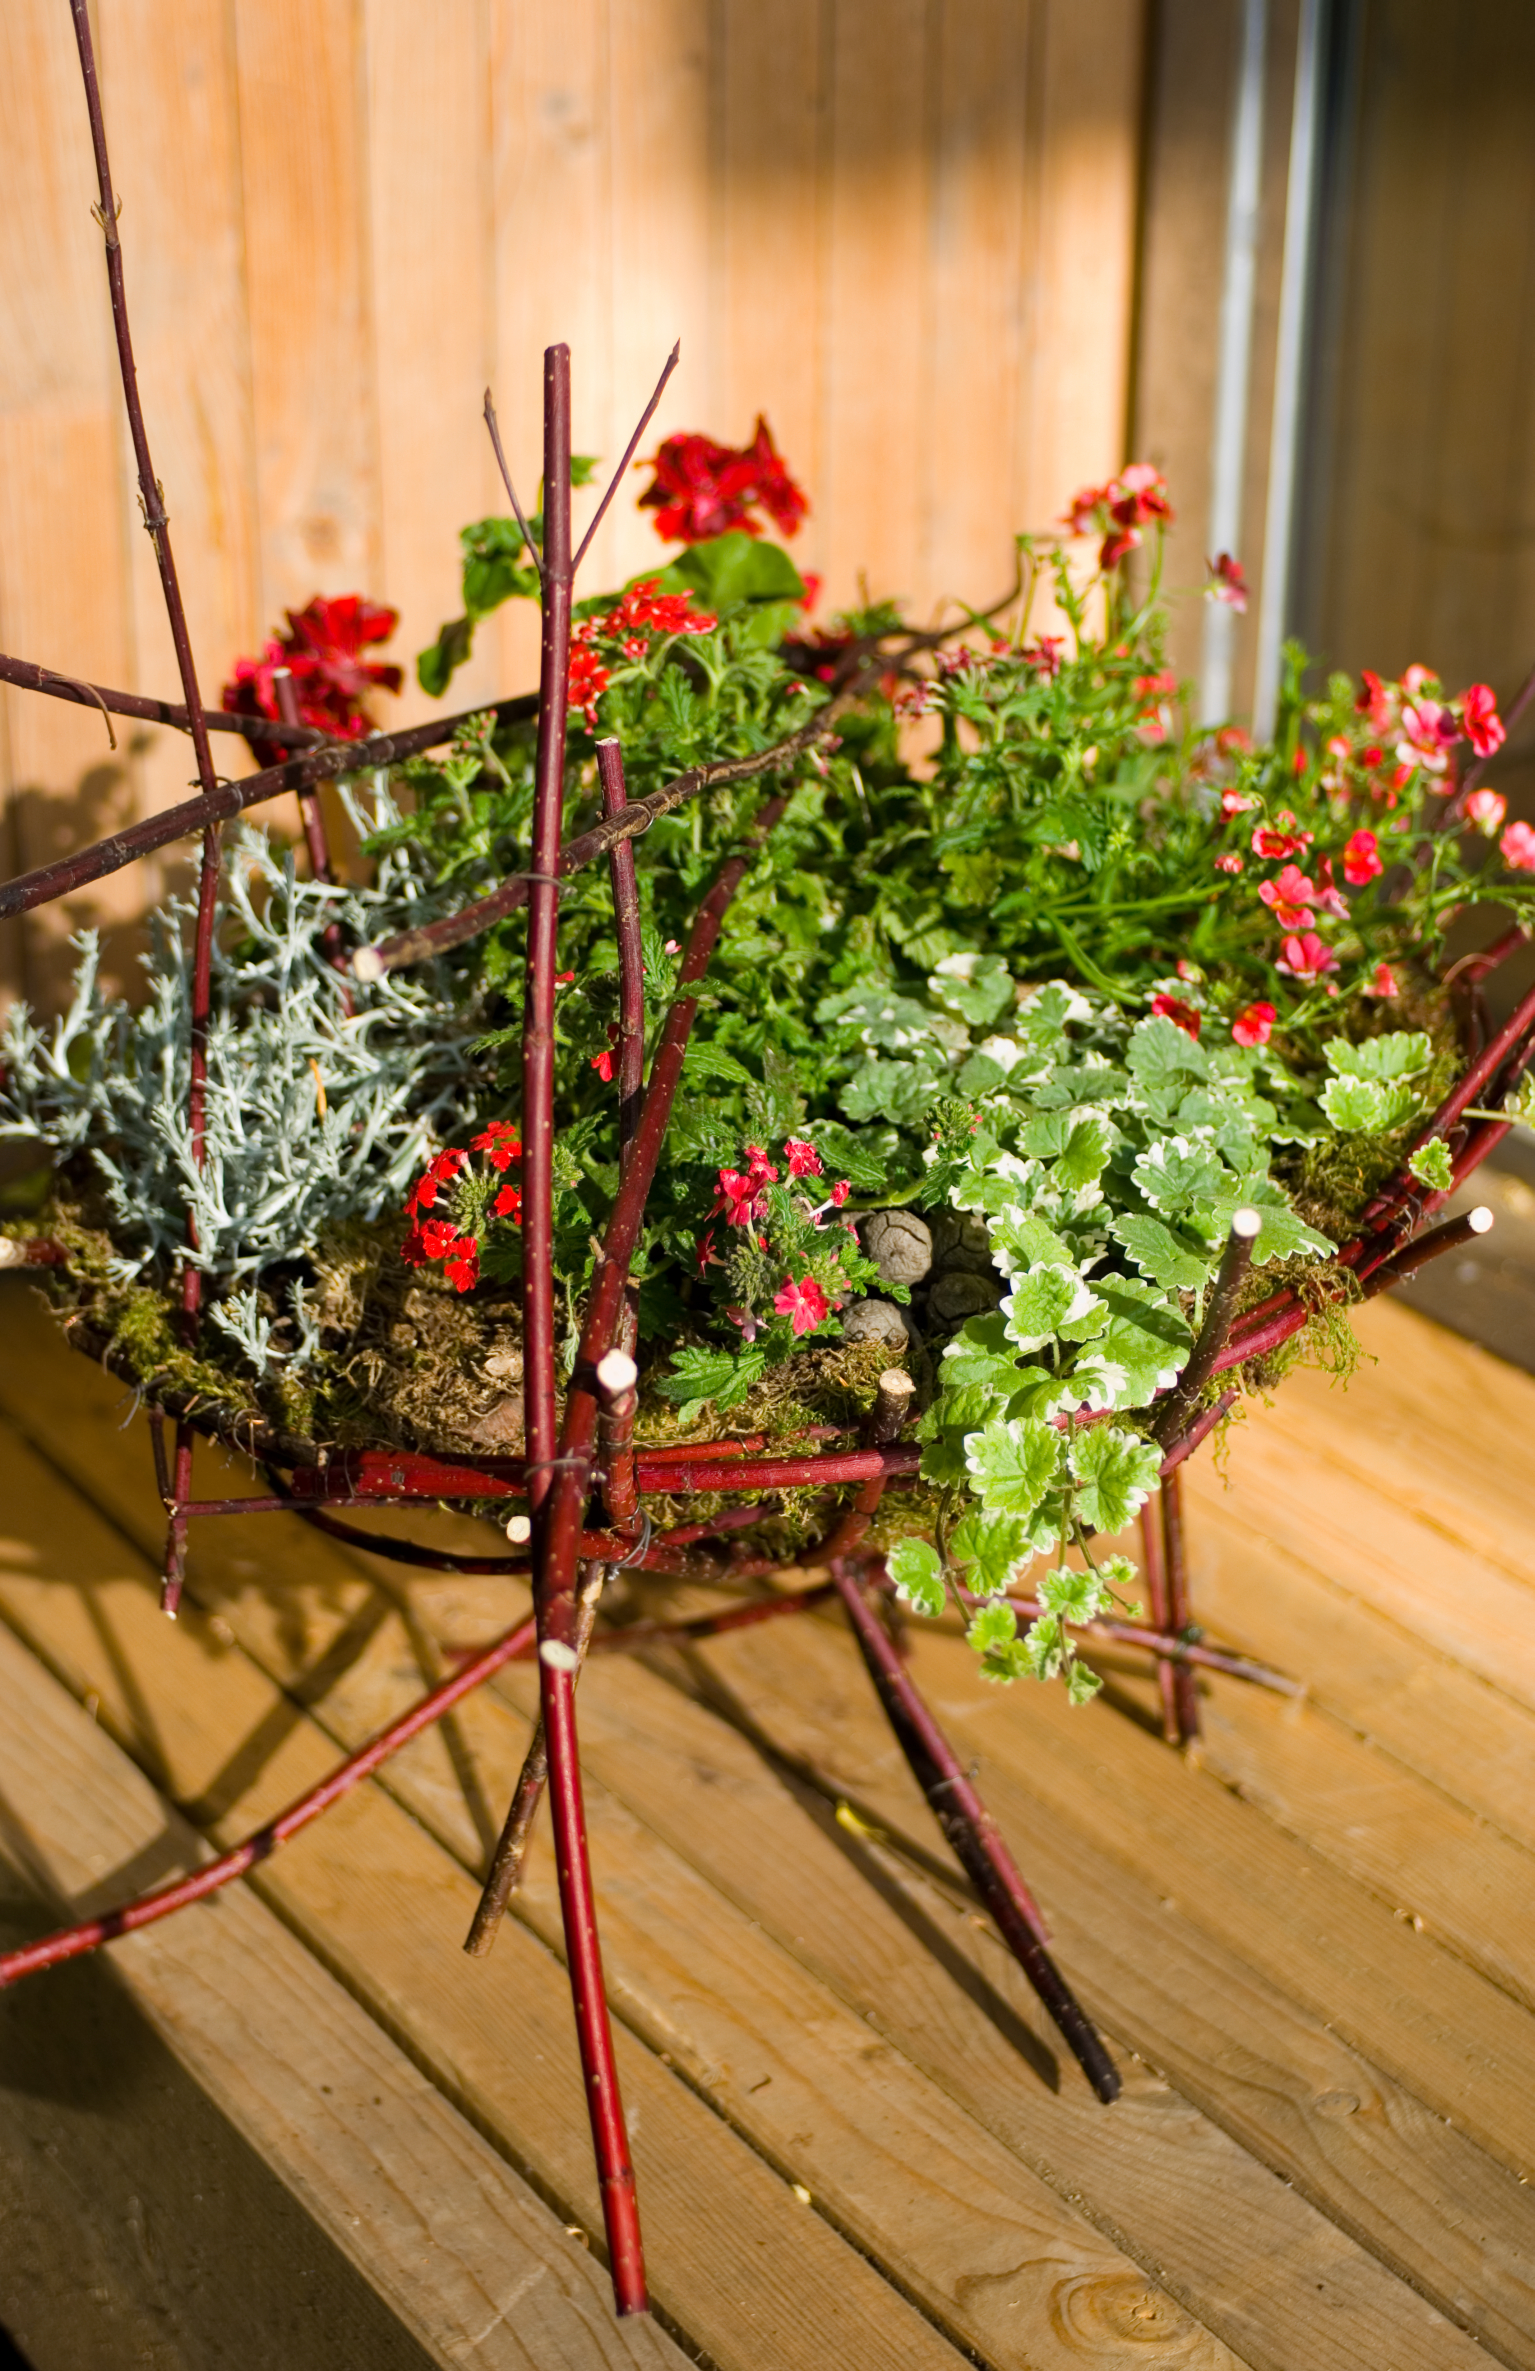 Immer das passende Geschenk – Blumenarrangements als individuelles und stilvolles Präsent zur Sommerparty